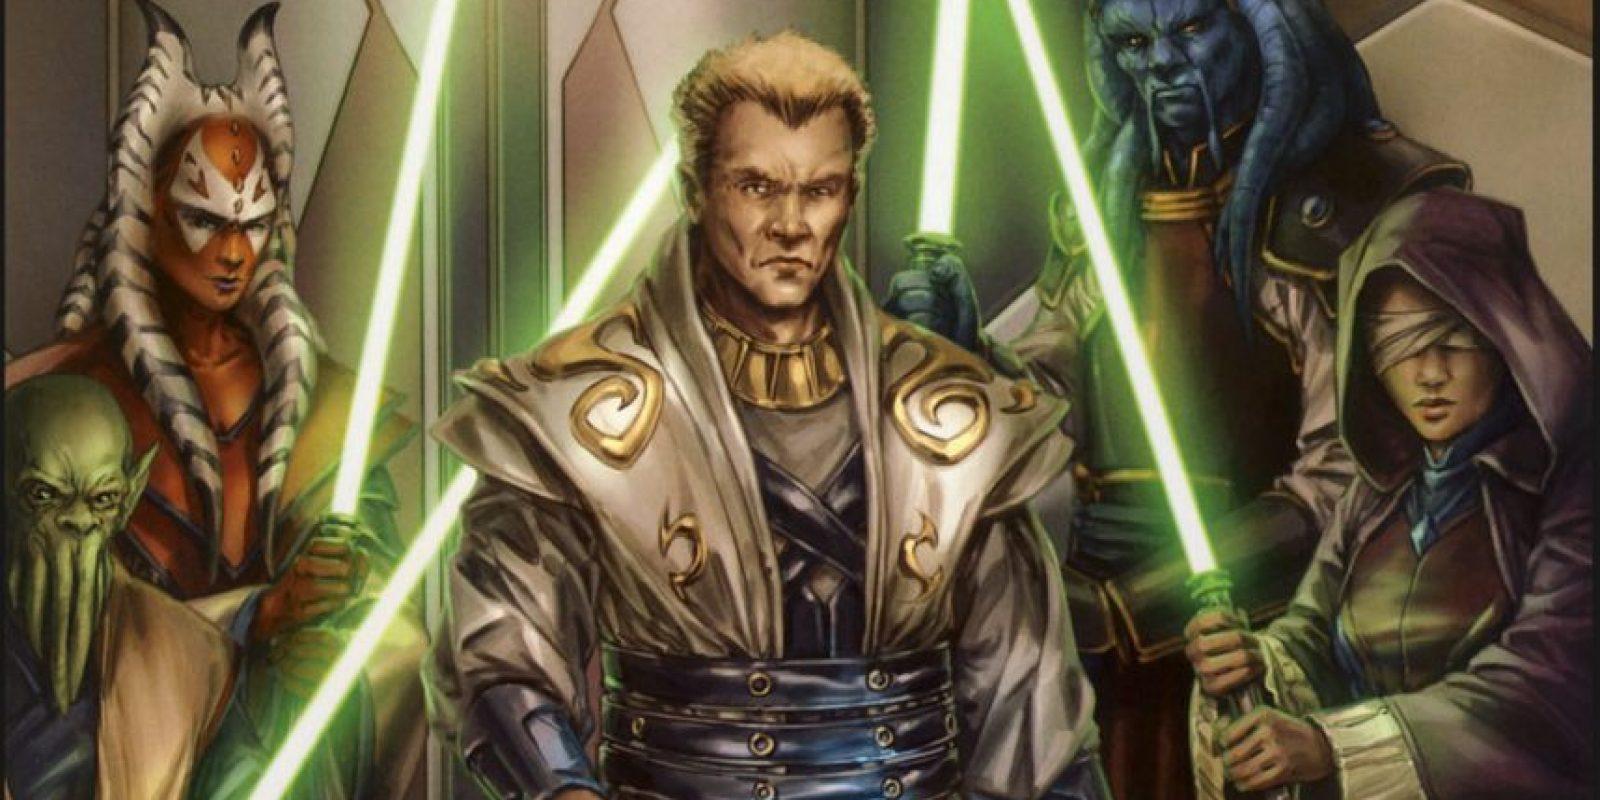 Los caballeros Jedi son guerreros con vocación espiritual y de servicio a la comunidad que recuerdan a los héroes de las tradiciones célticas y budistas Foto:Wikia/Star Wars